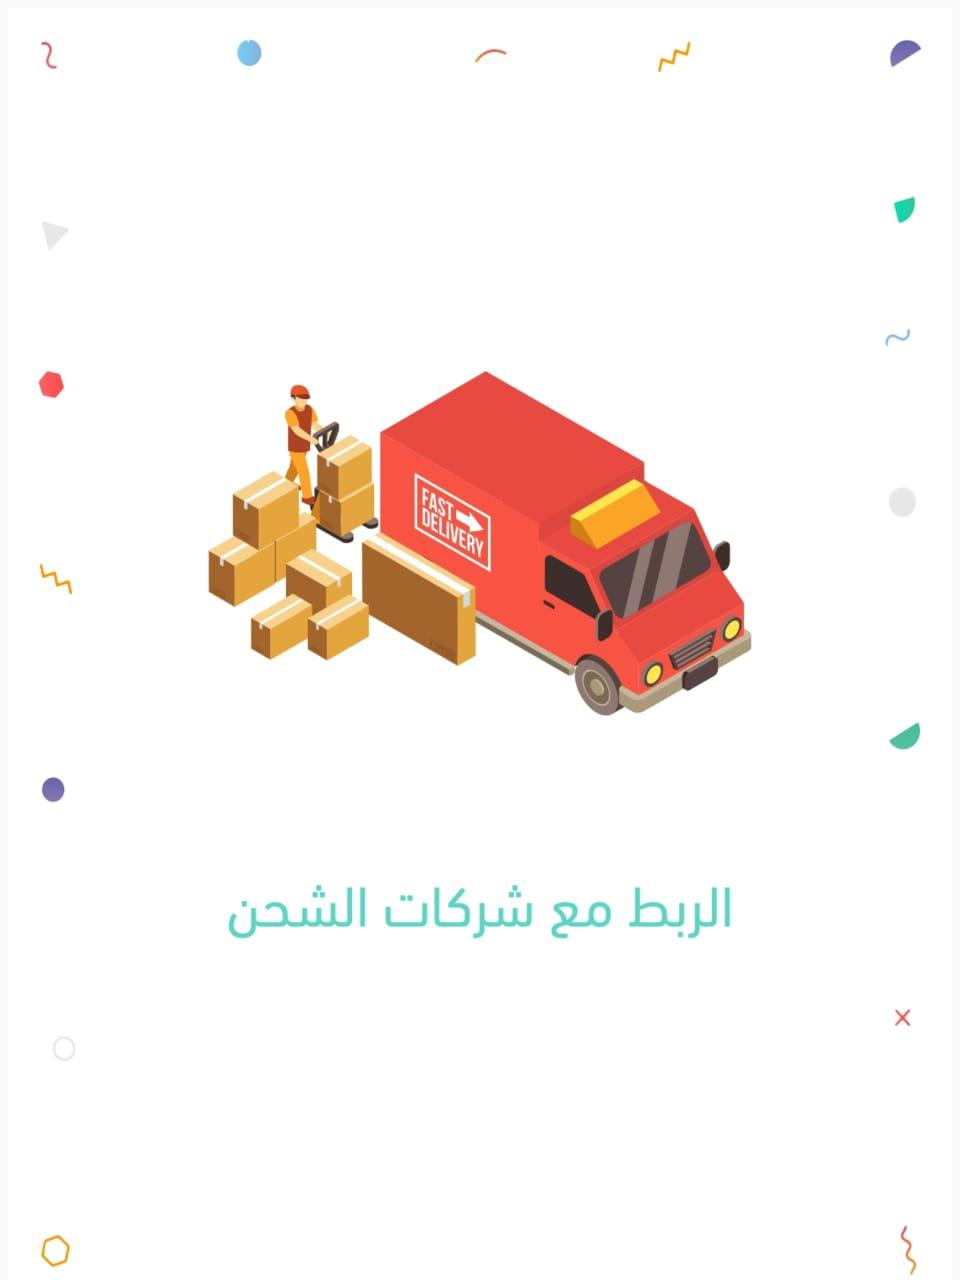 انشاء متجر الكتروني وربطه مع شركات الشحن ب50